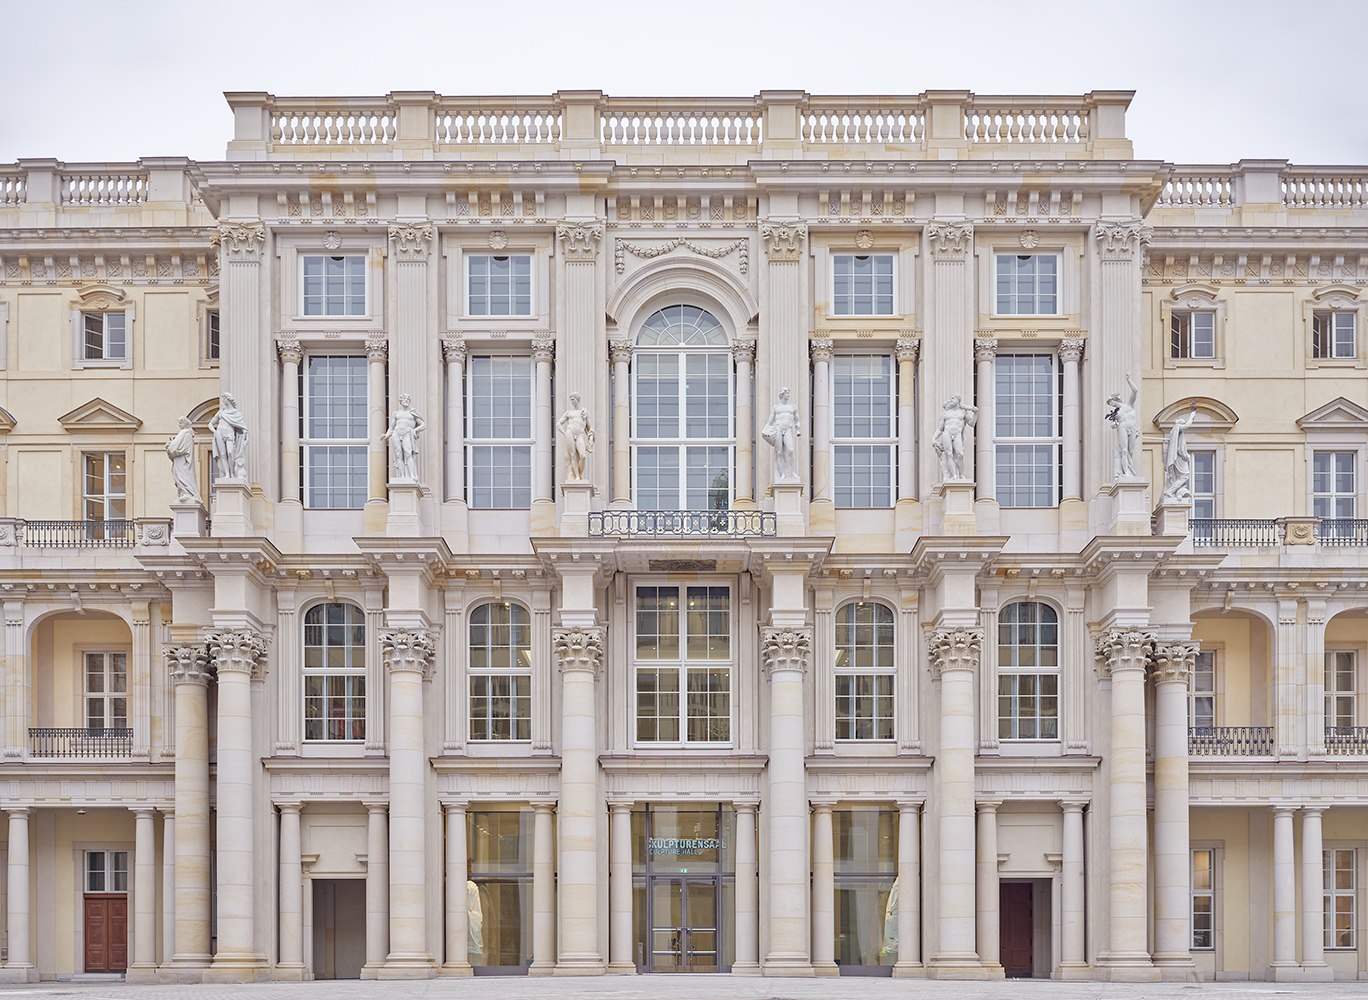 Fotografia della facciata barocca interna dell'Humboldt Forum, museo a Berlino